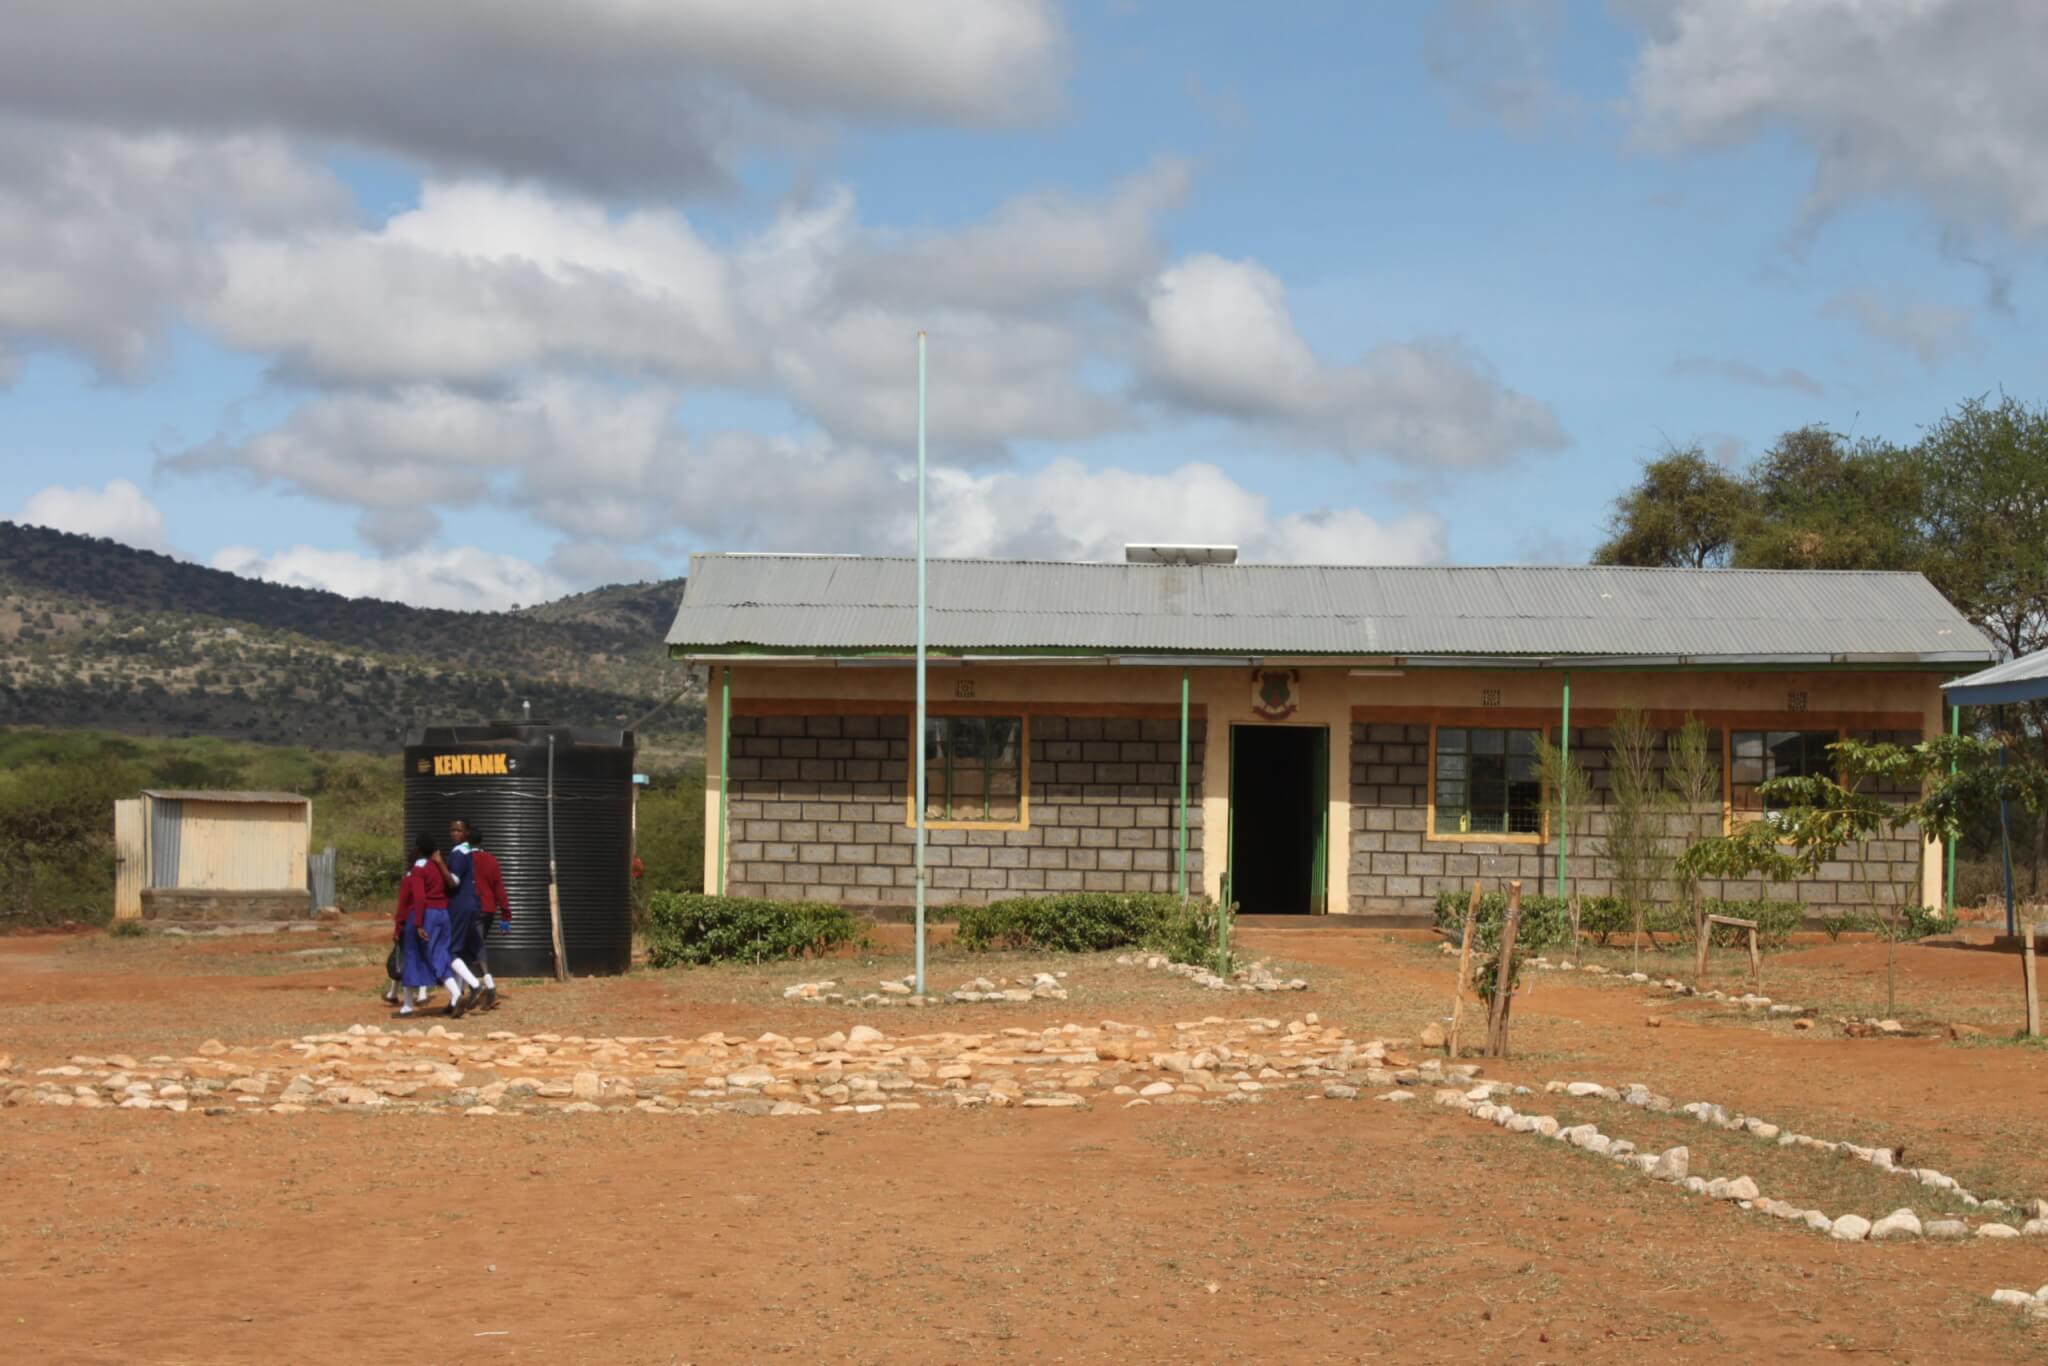 Digitale Bildung in Afrika: Kenia setzt auf Unterricht per Tablet